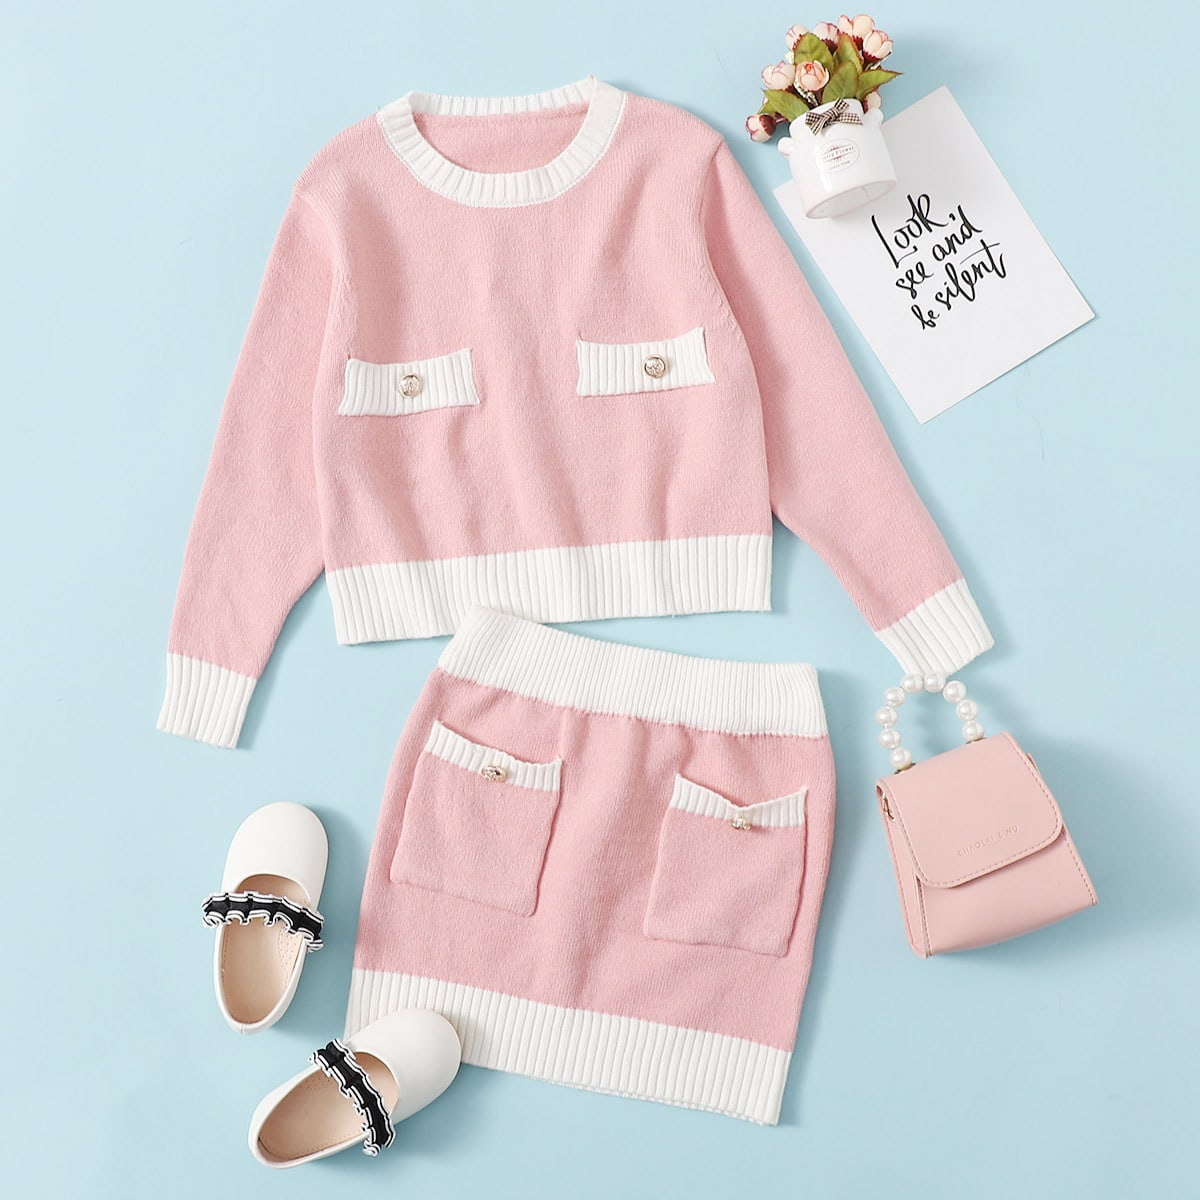 С карманами контрастный цвет повседневный трикотажные комплекты для девочек